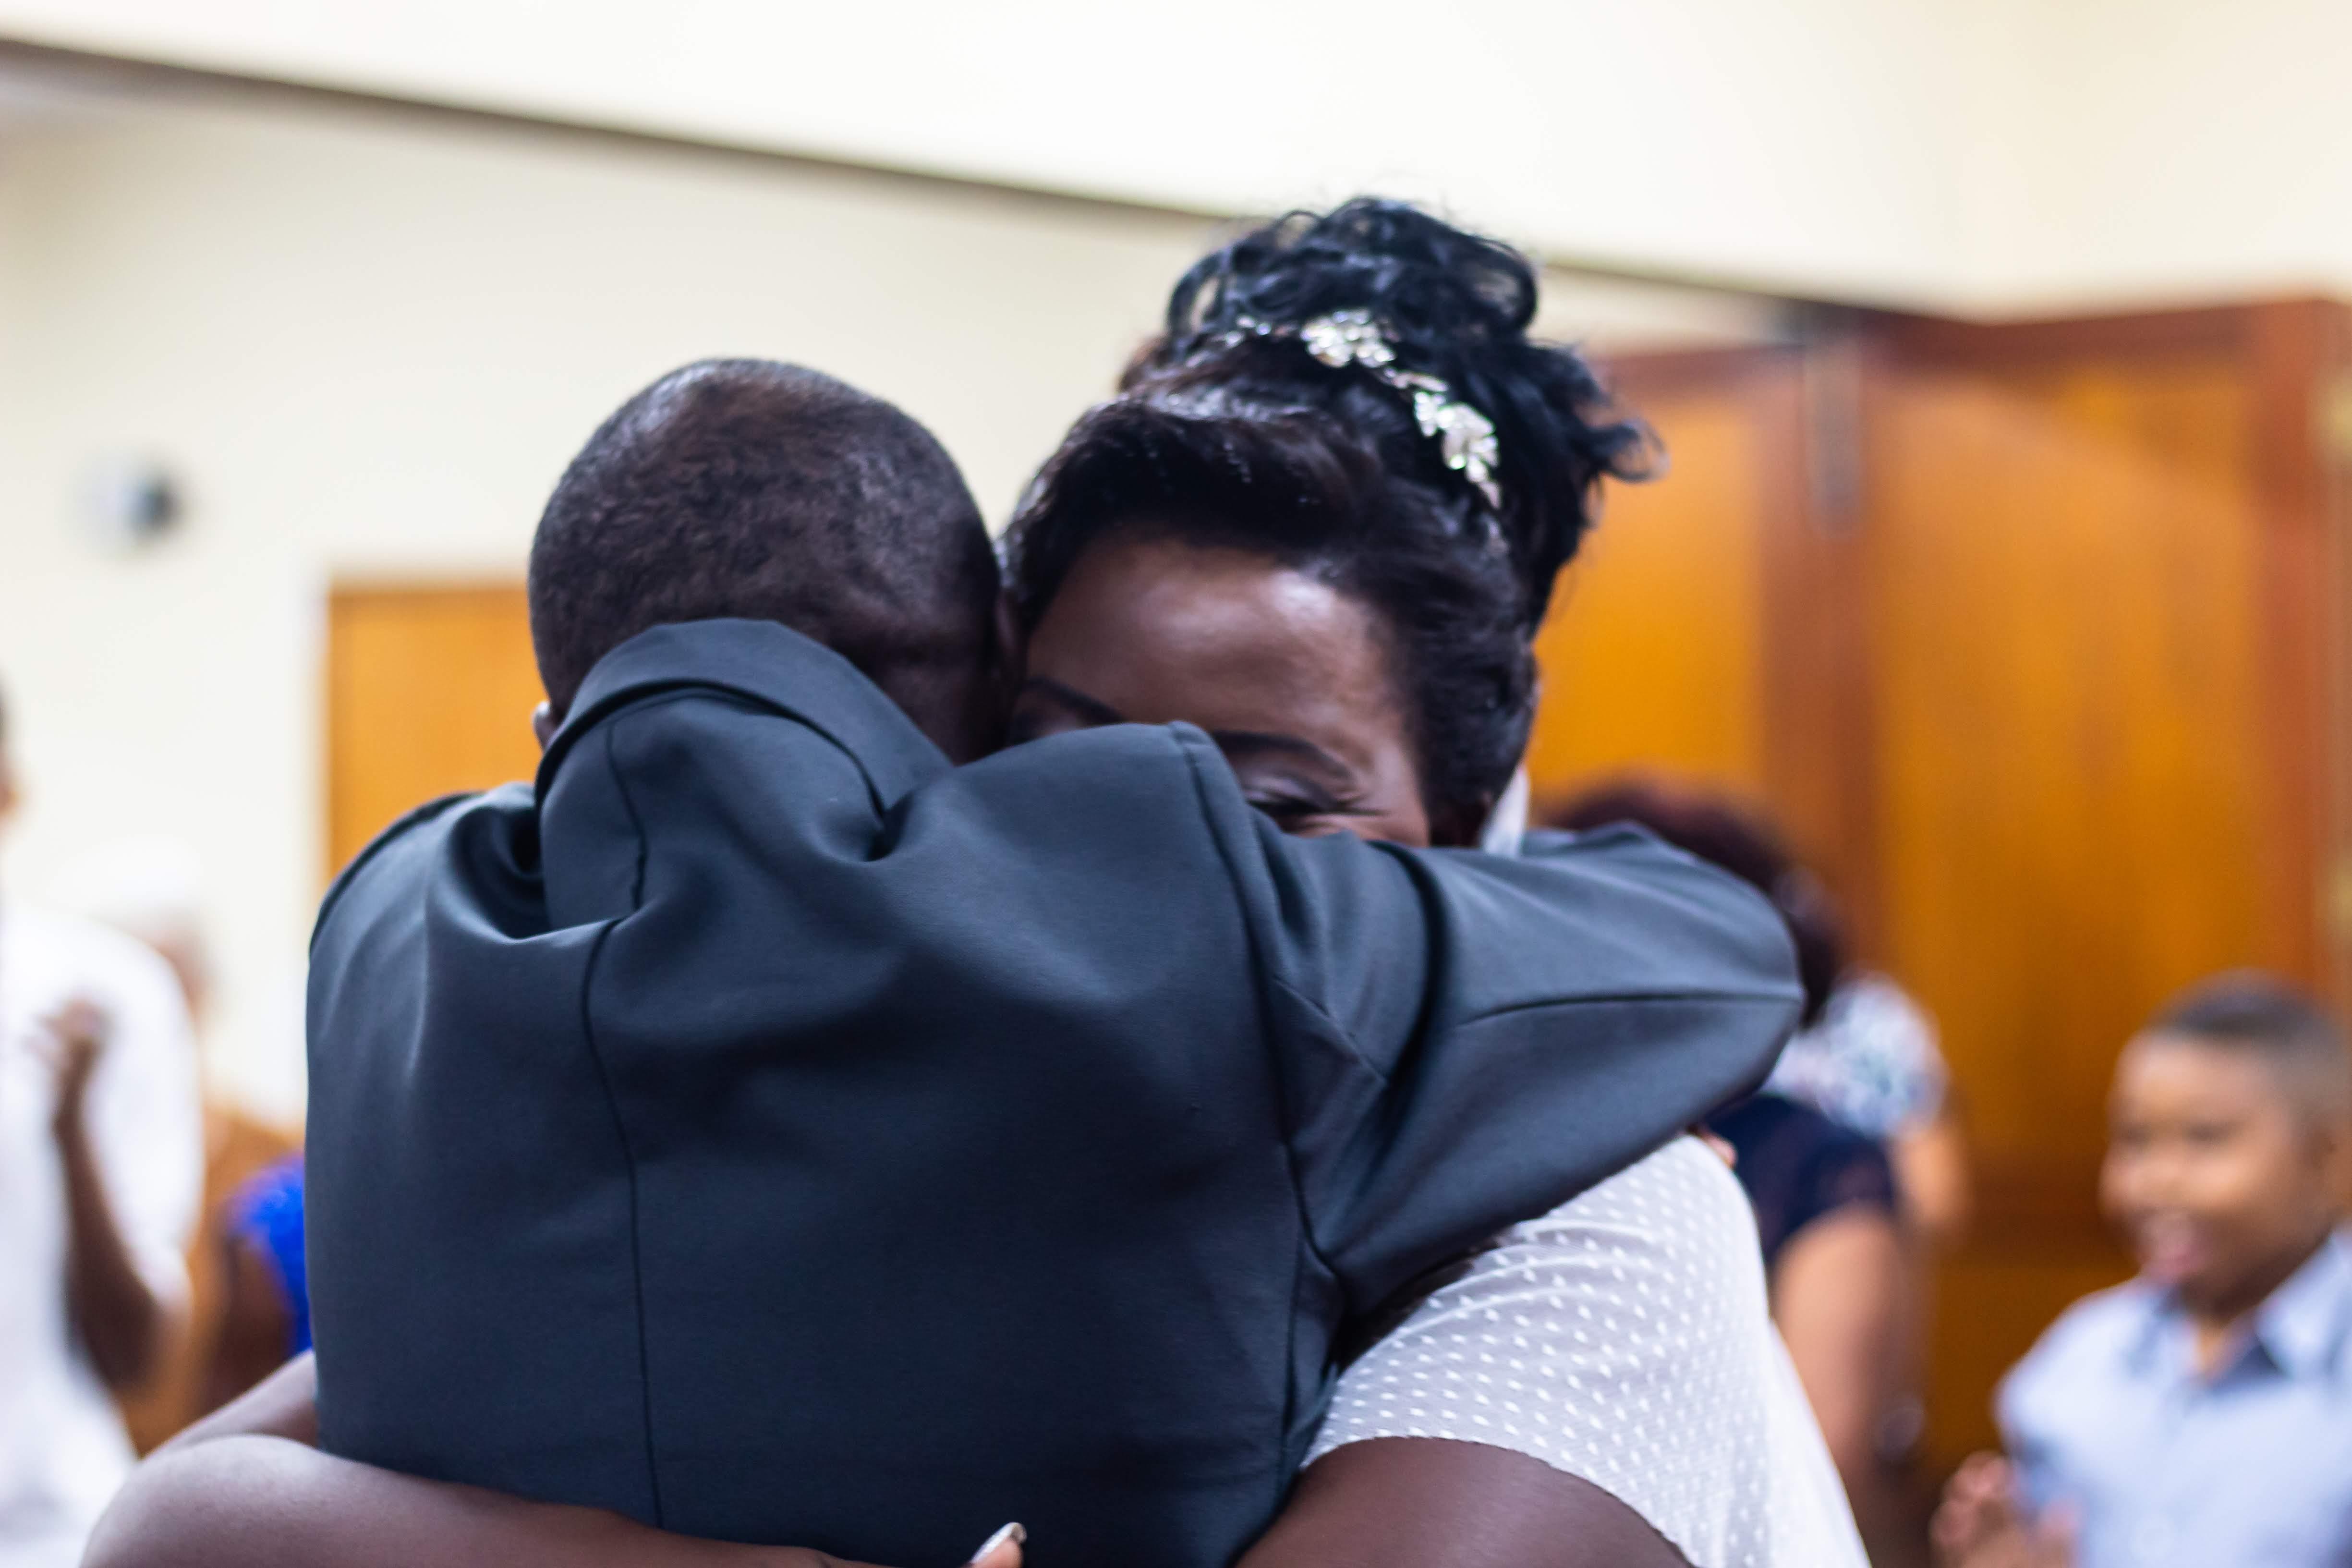 casal ex-moradores rua ganha ajuda voluntário sonho casamento